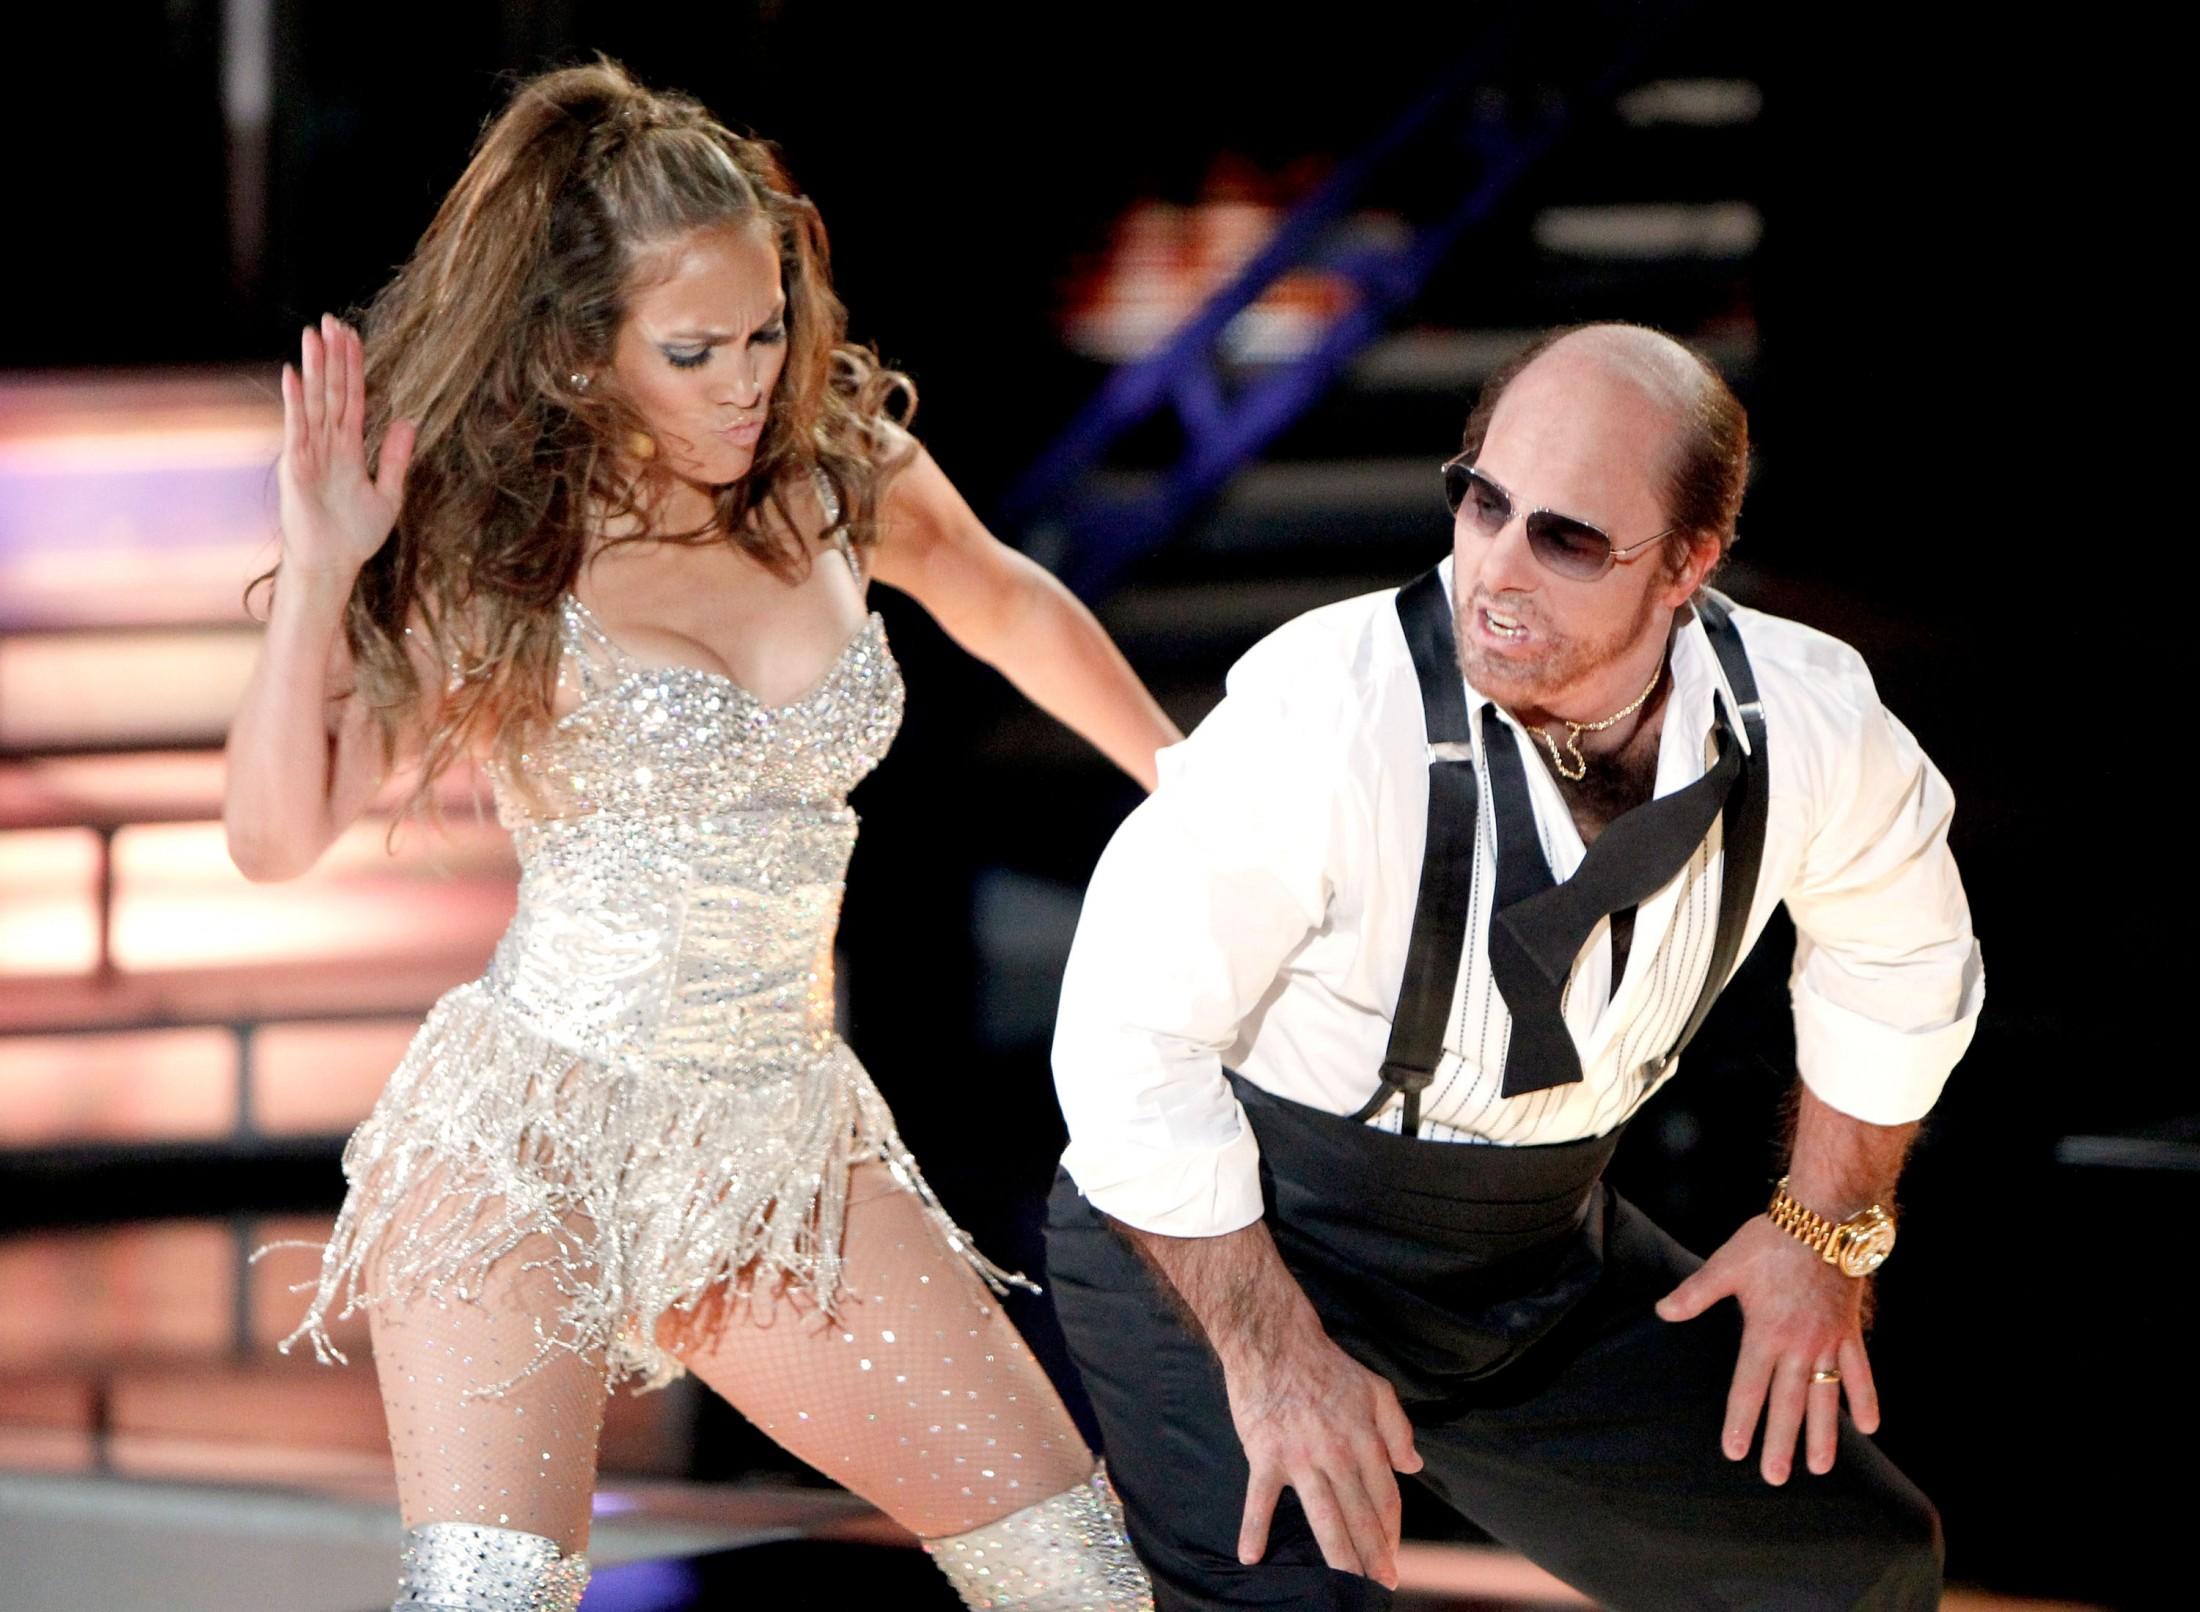 Jennifer Lopez 2010 : jennifer-lopez-performing-at-the-2010-mtv-movie-awards-09